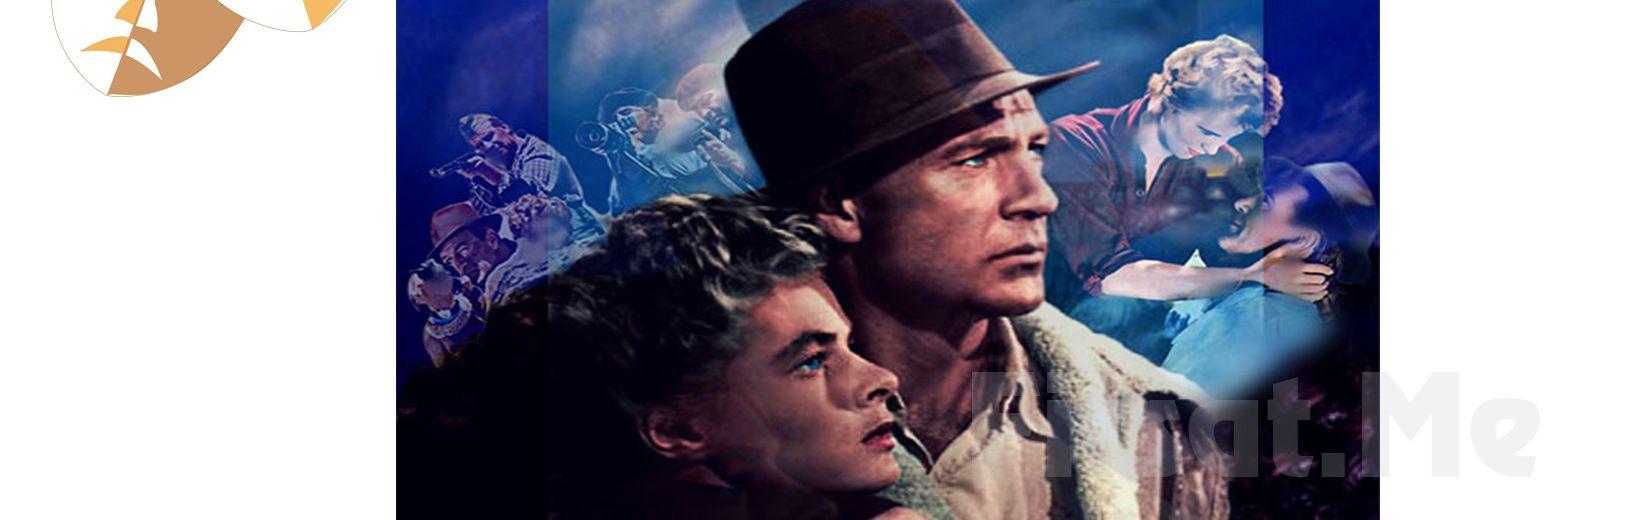 Ernest Hemingway'in Ölümsüz Eseri 'Çanlar Kimin için Çalıyor' Tiyatro Oyunu Bileti